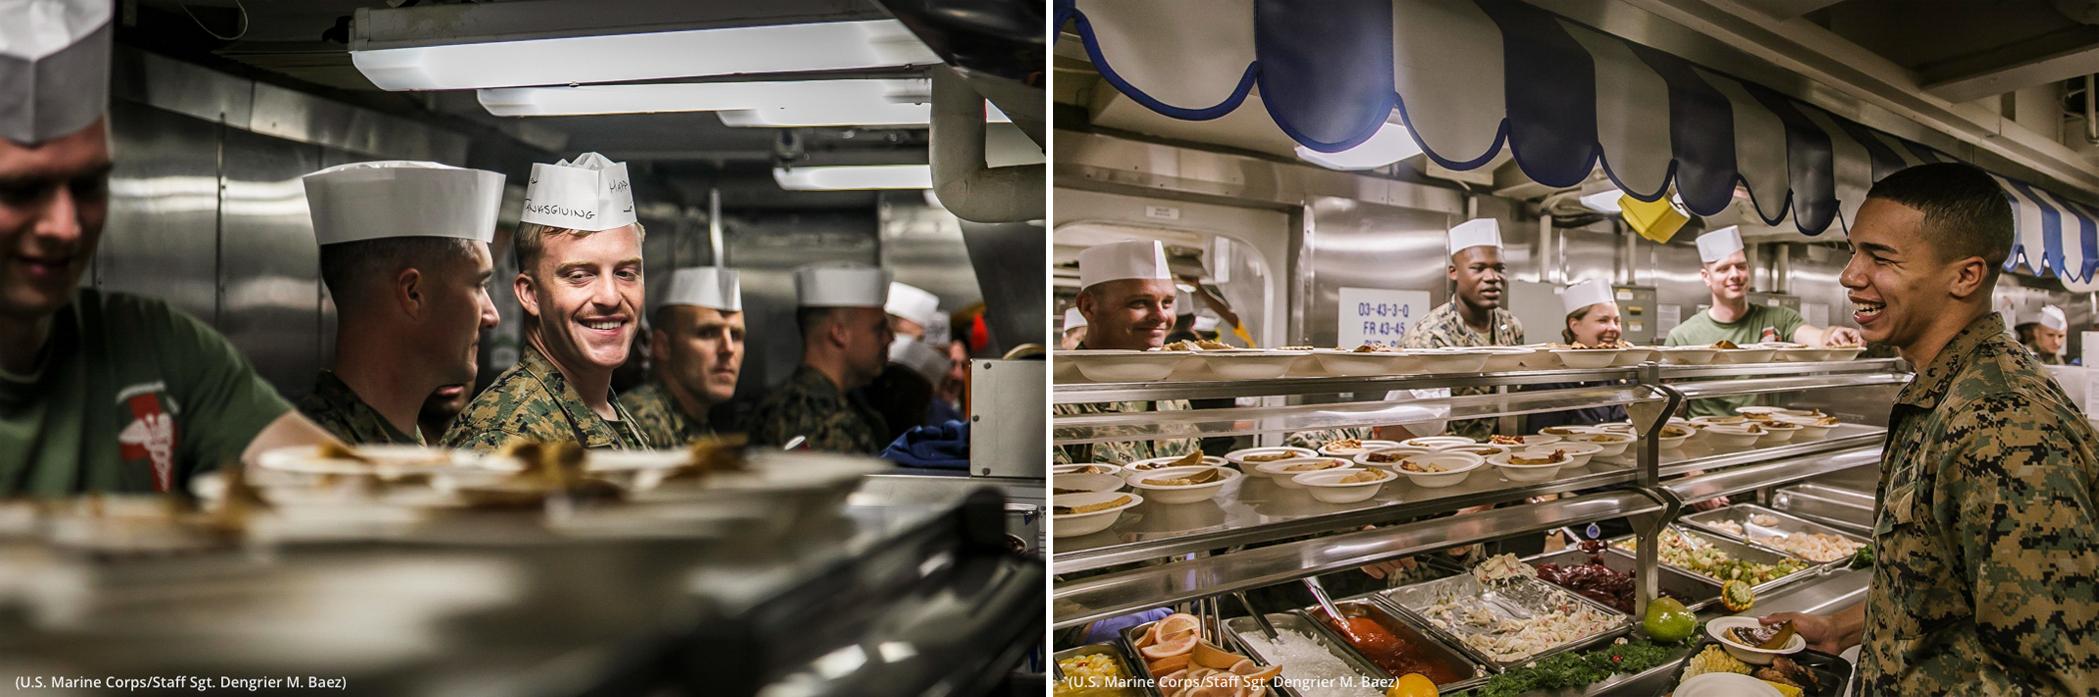 People standing at food line (U.S. Marine Corps/Sgt. Dengrier M. Baez)